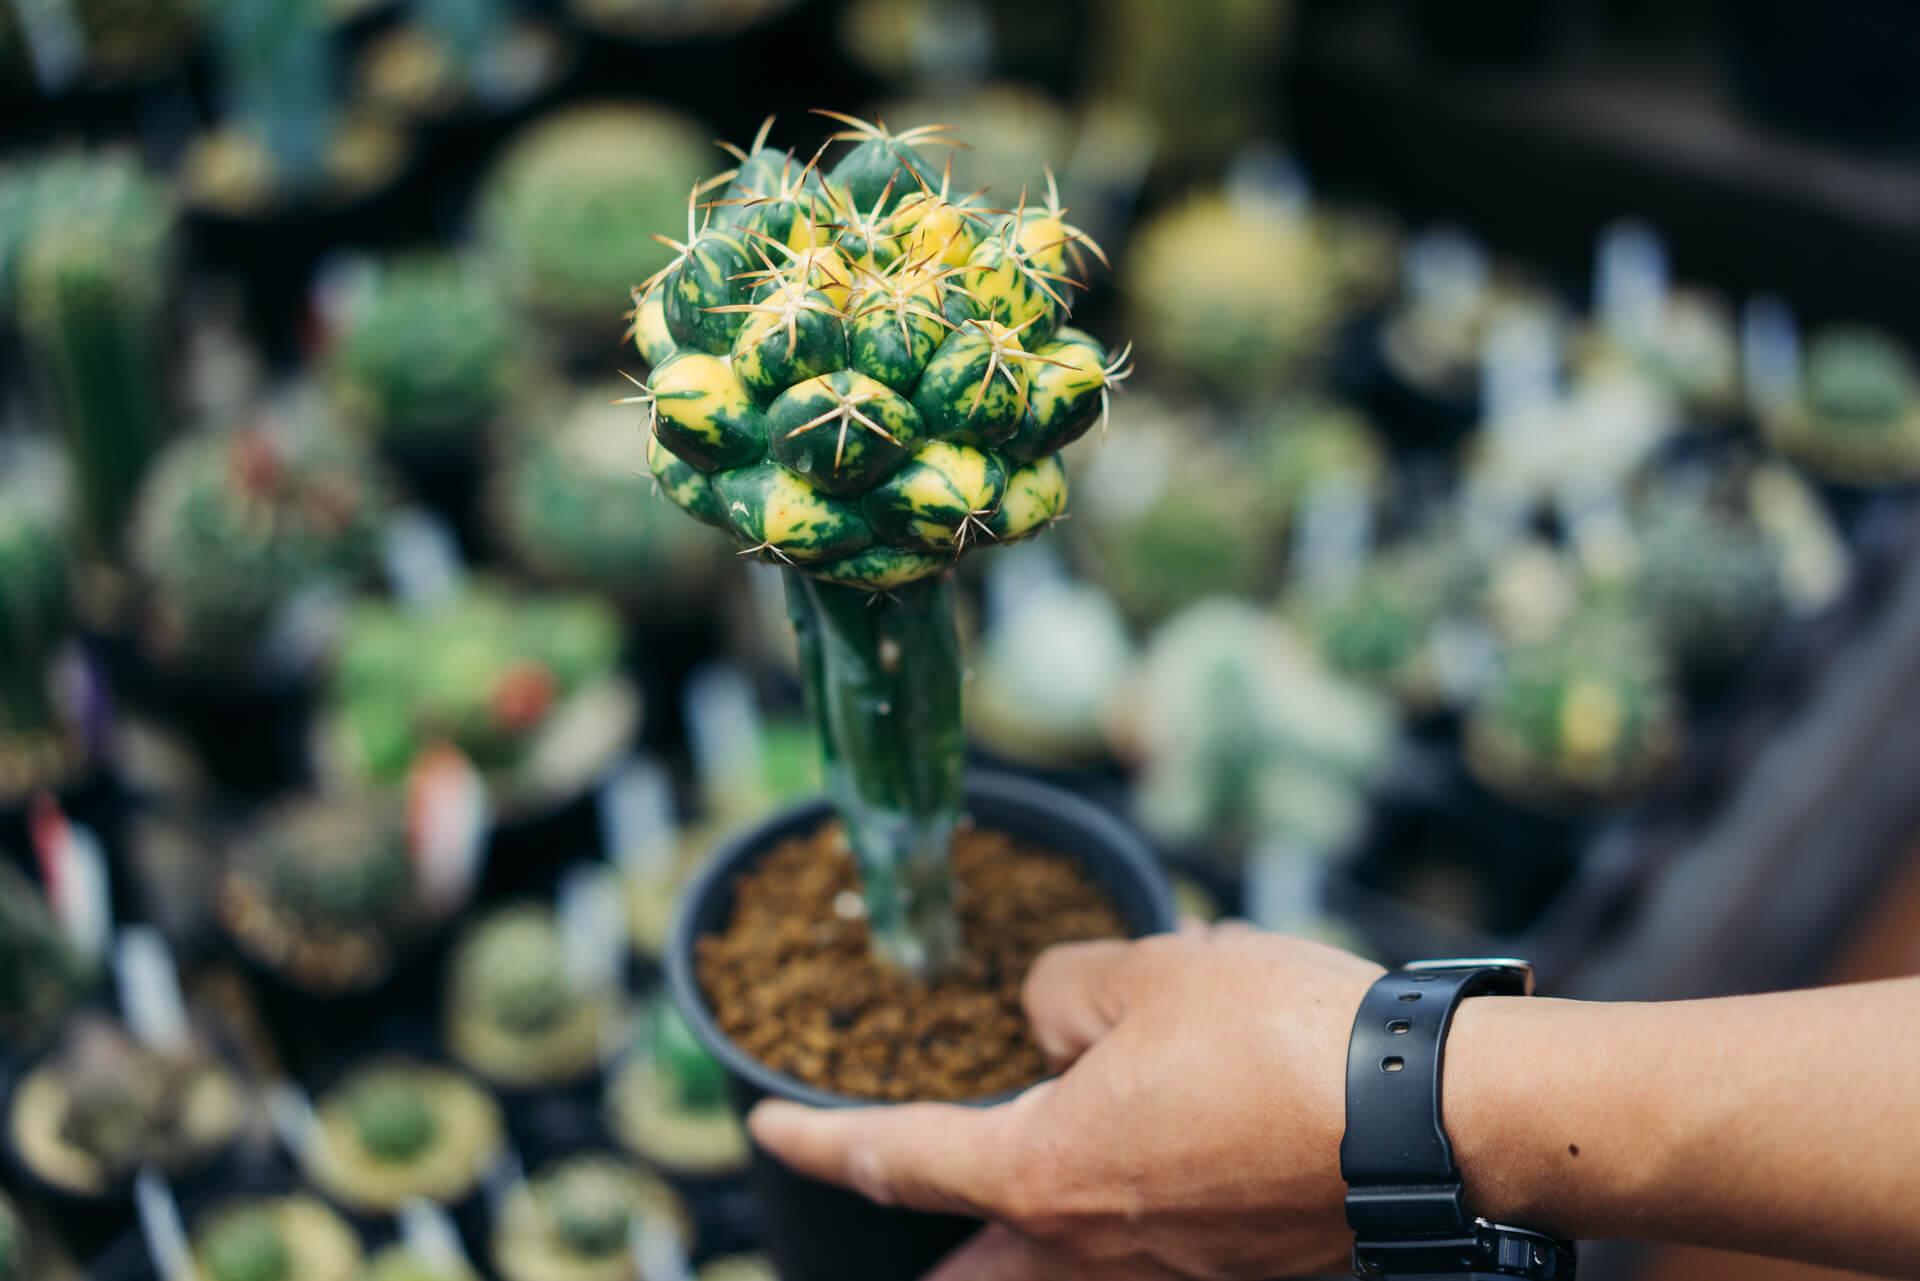 斑入り種と呼ばれる、黄色の模様が入ったサボテン(象牙丸錦 15,000円)